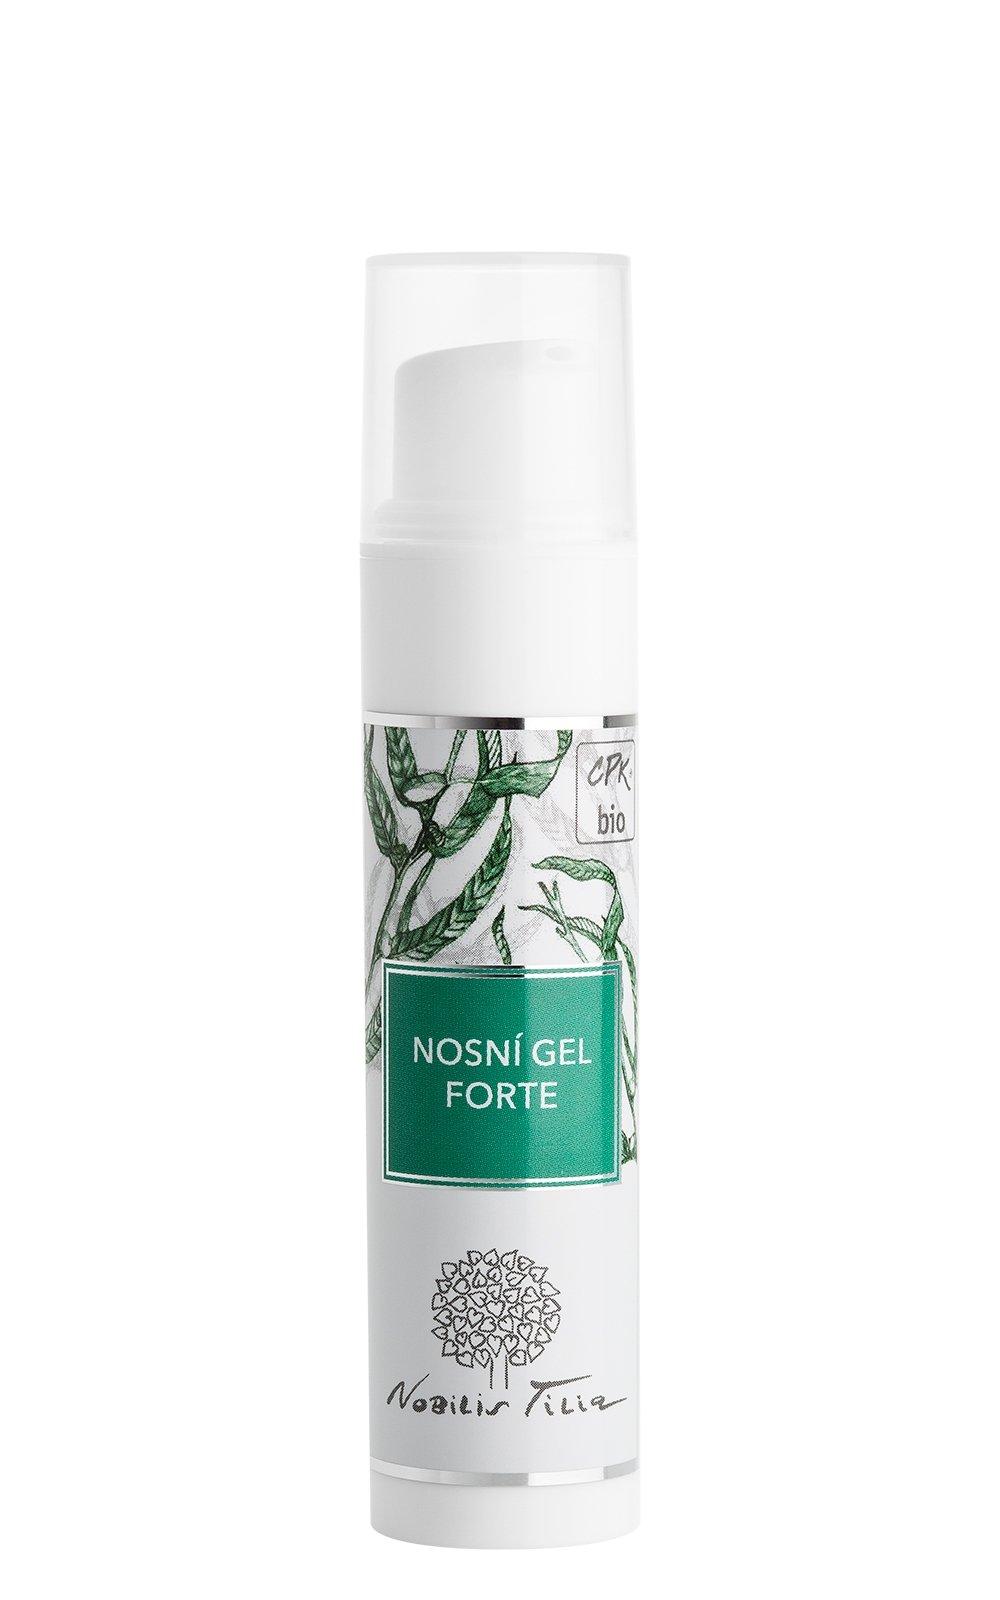 Nosní gel Forte: 15 ml